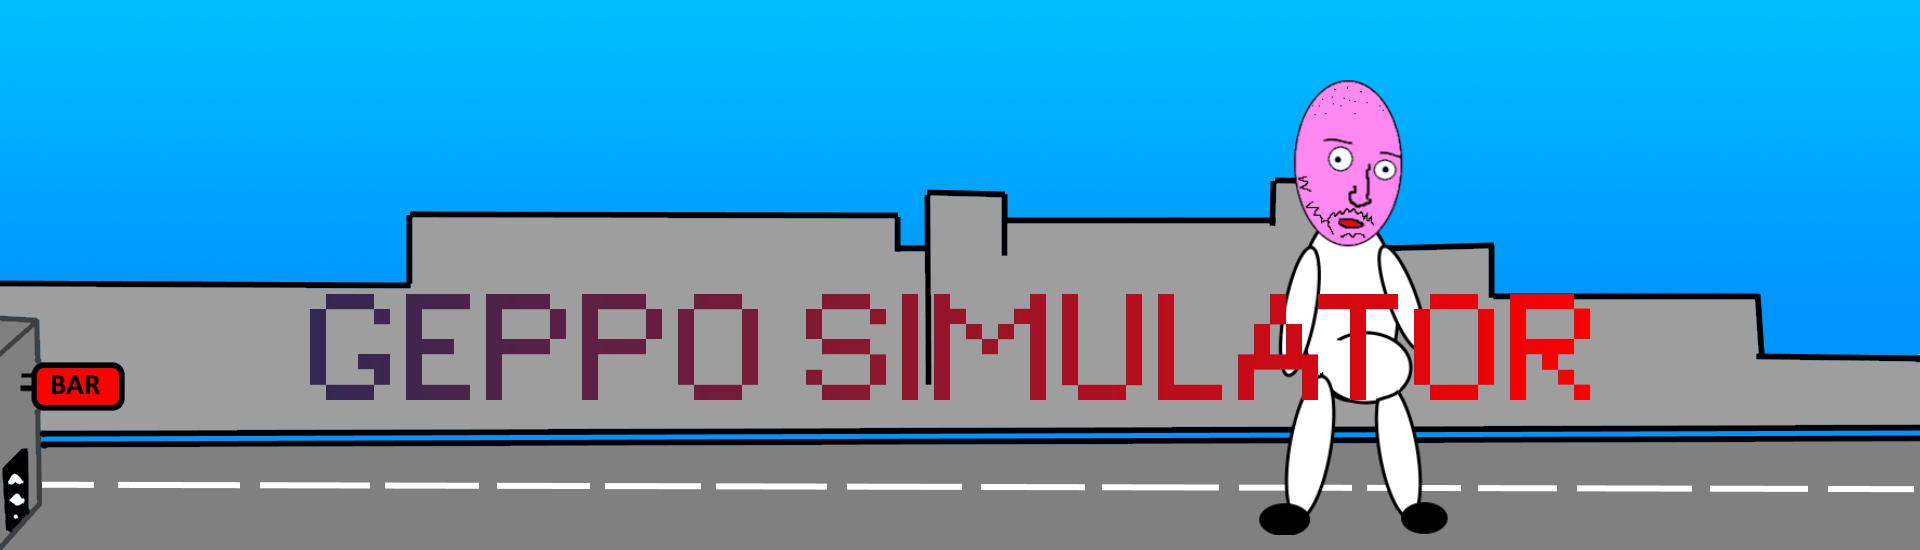 Geppo Simulator cover